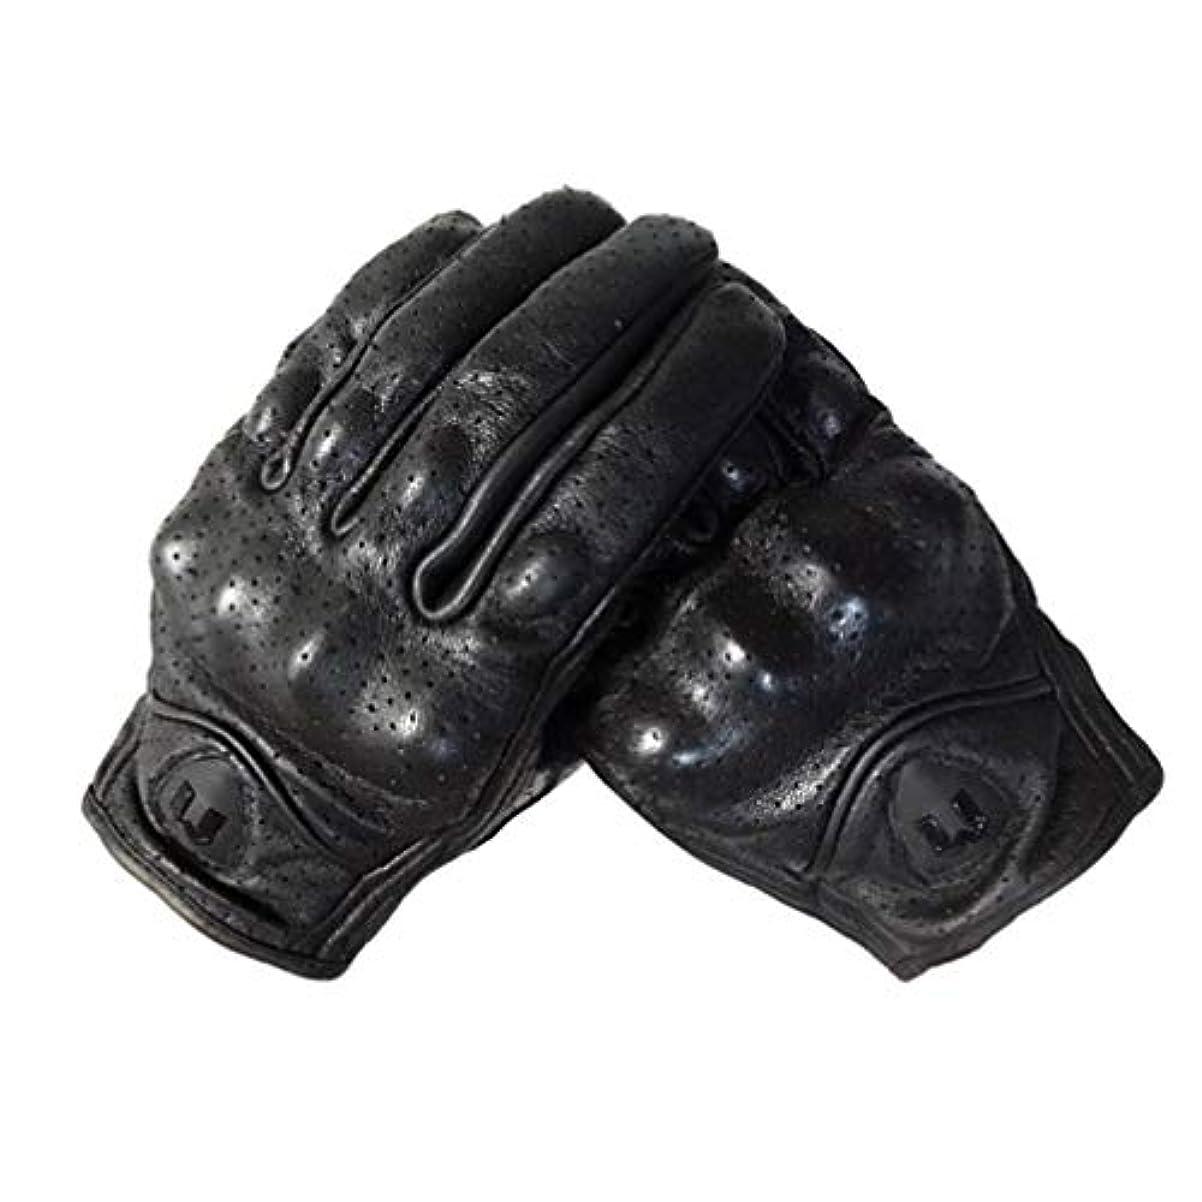 憎しみうなる毛細血管LIOOBO 冬革手袋フルフィンガーサイクリング手袋オートバイの手袋運転手袋タッチスクリーン手袋男性用女性